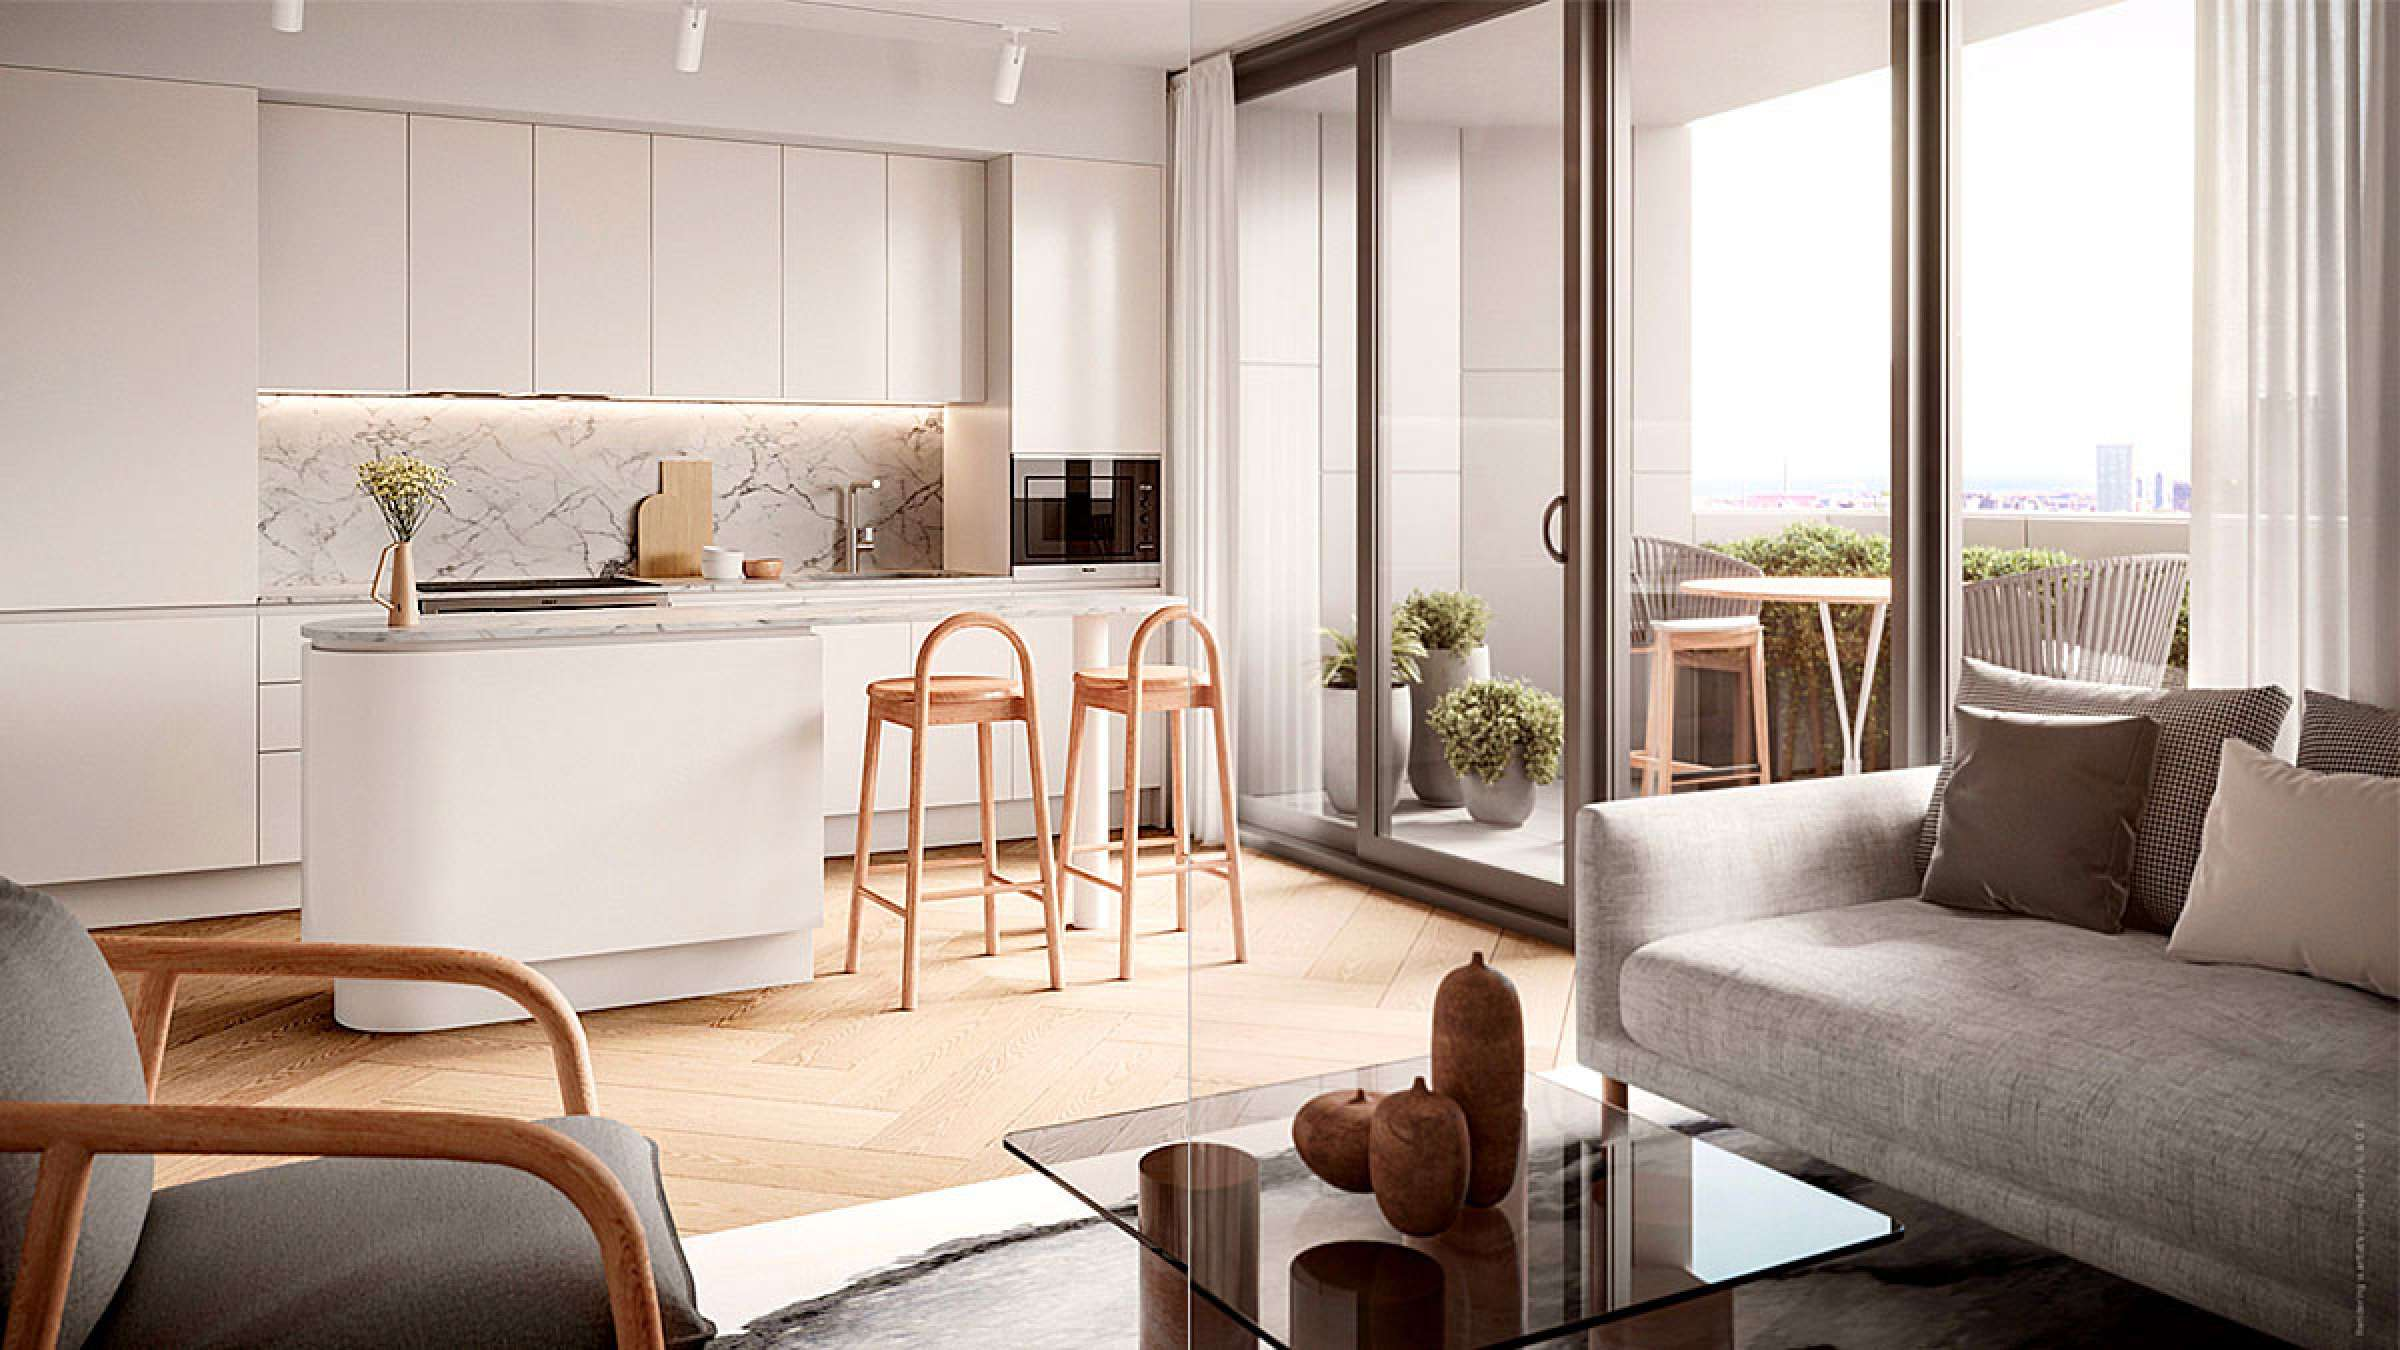 املاک-آپارتمان-تورنتو-به-زودی-صاحب-یک-مجموعه-آپارتمانی-استثنایی-دهلیز-می-شود